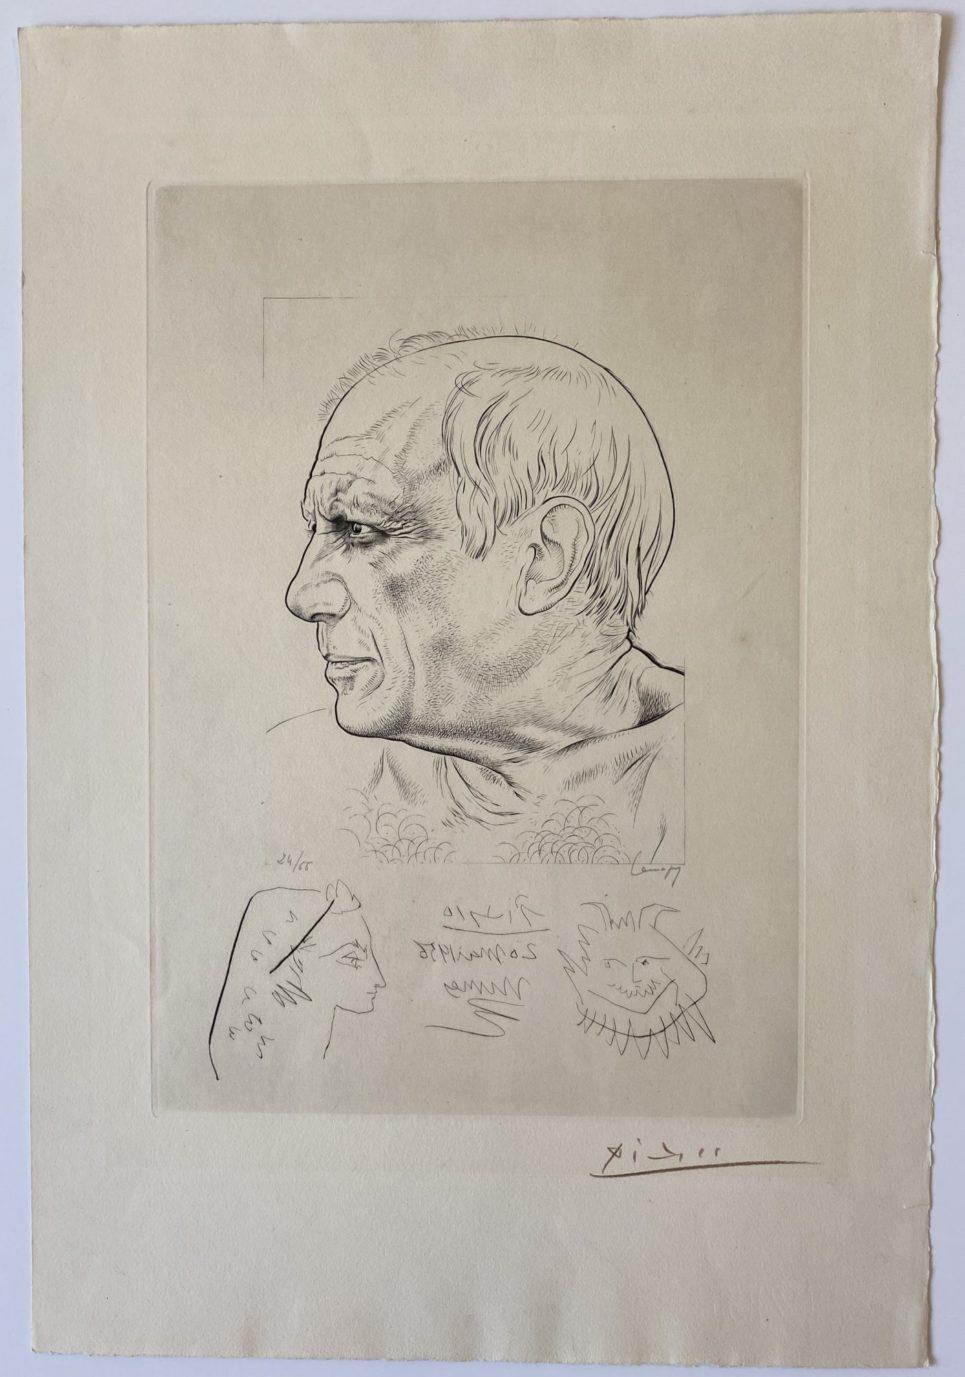 pablo-picasso-paul-lemagny-portrait-de-picasso-full-paper